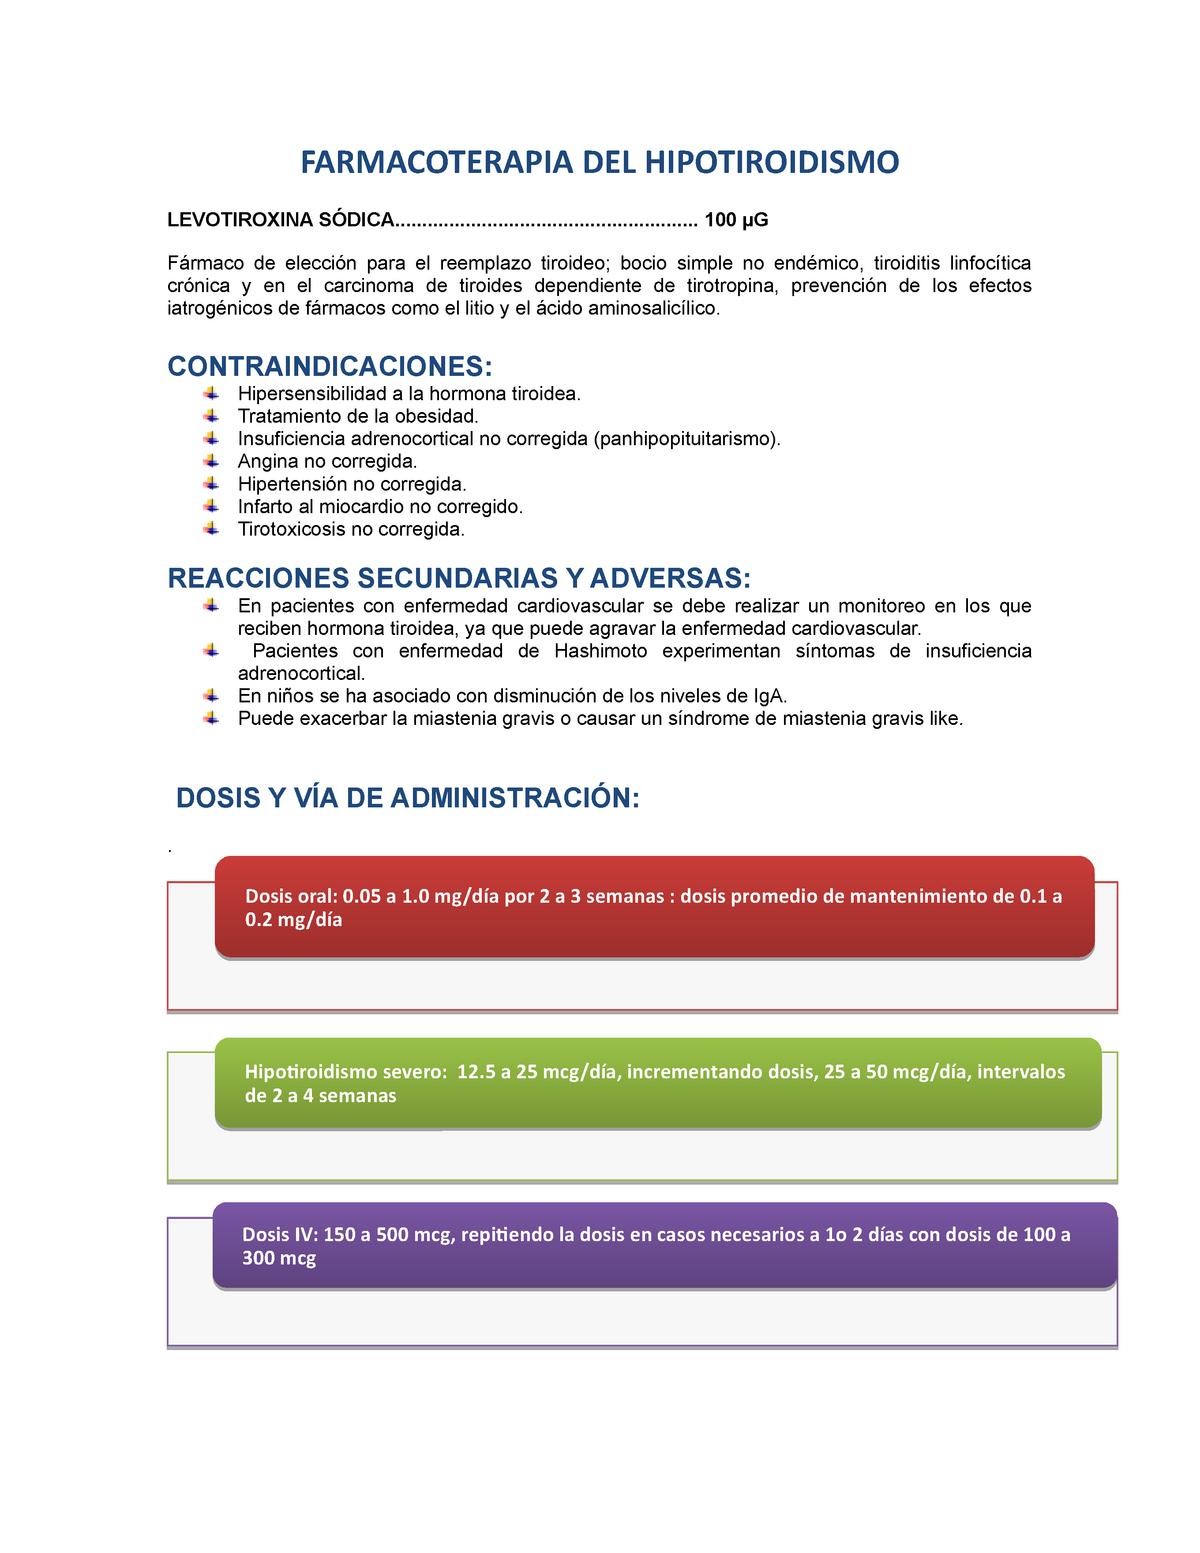 síntomas de ajuste de dosis de levotiroxina de diabetes